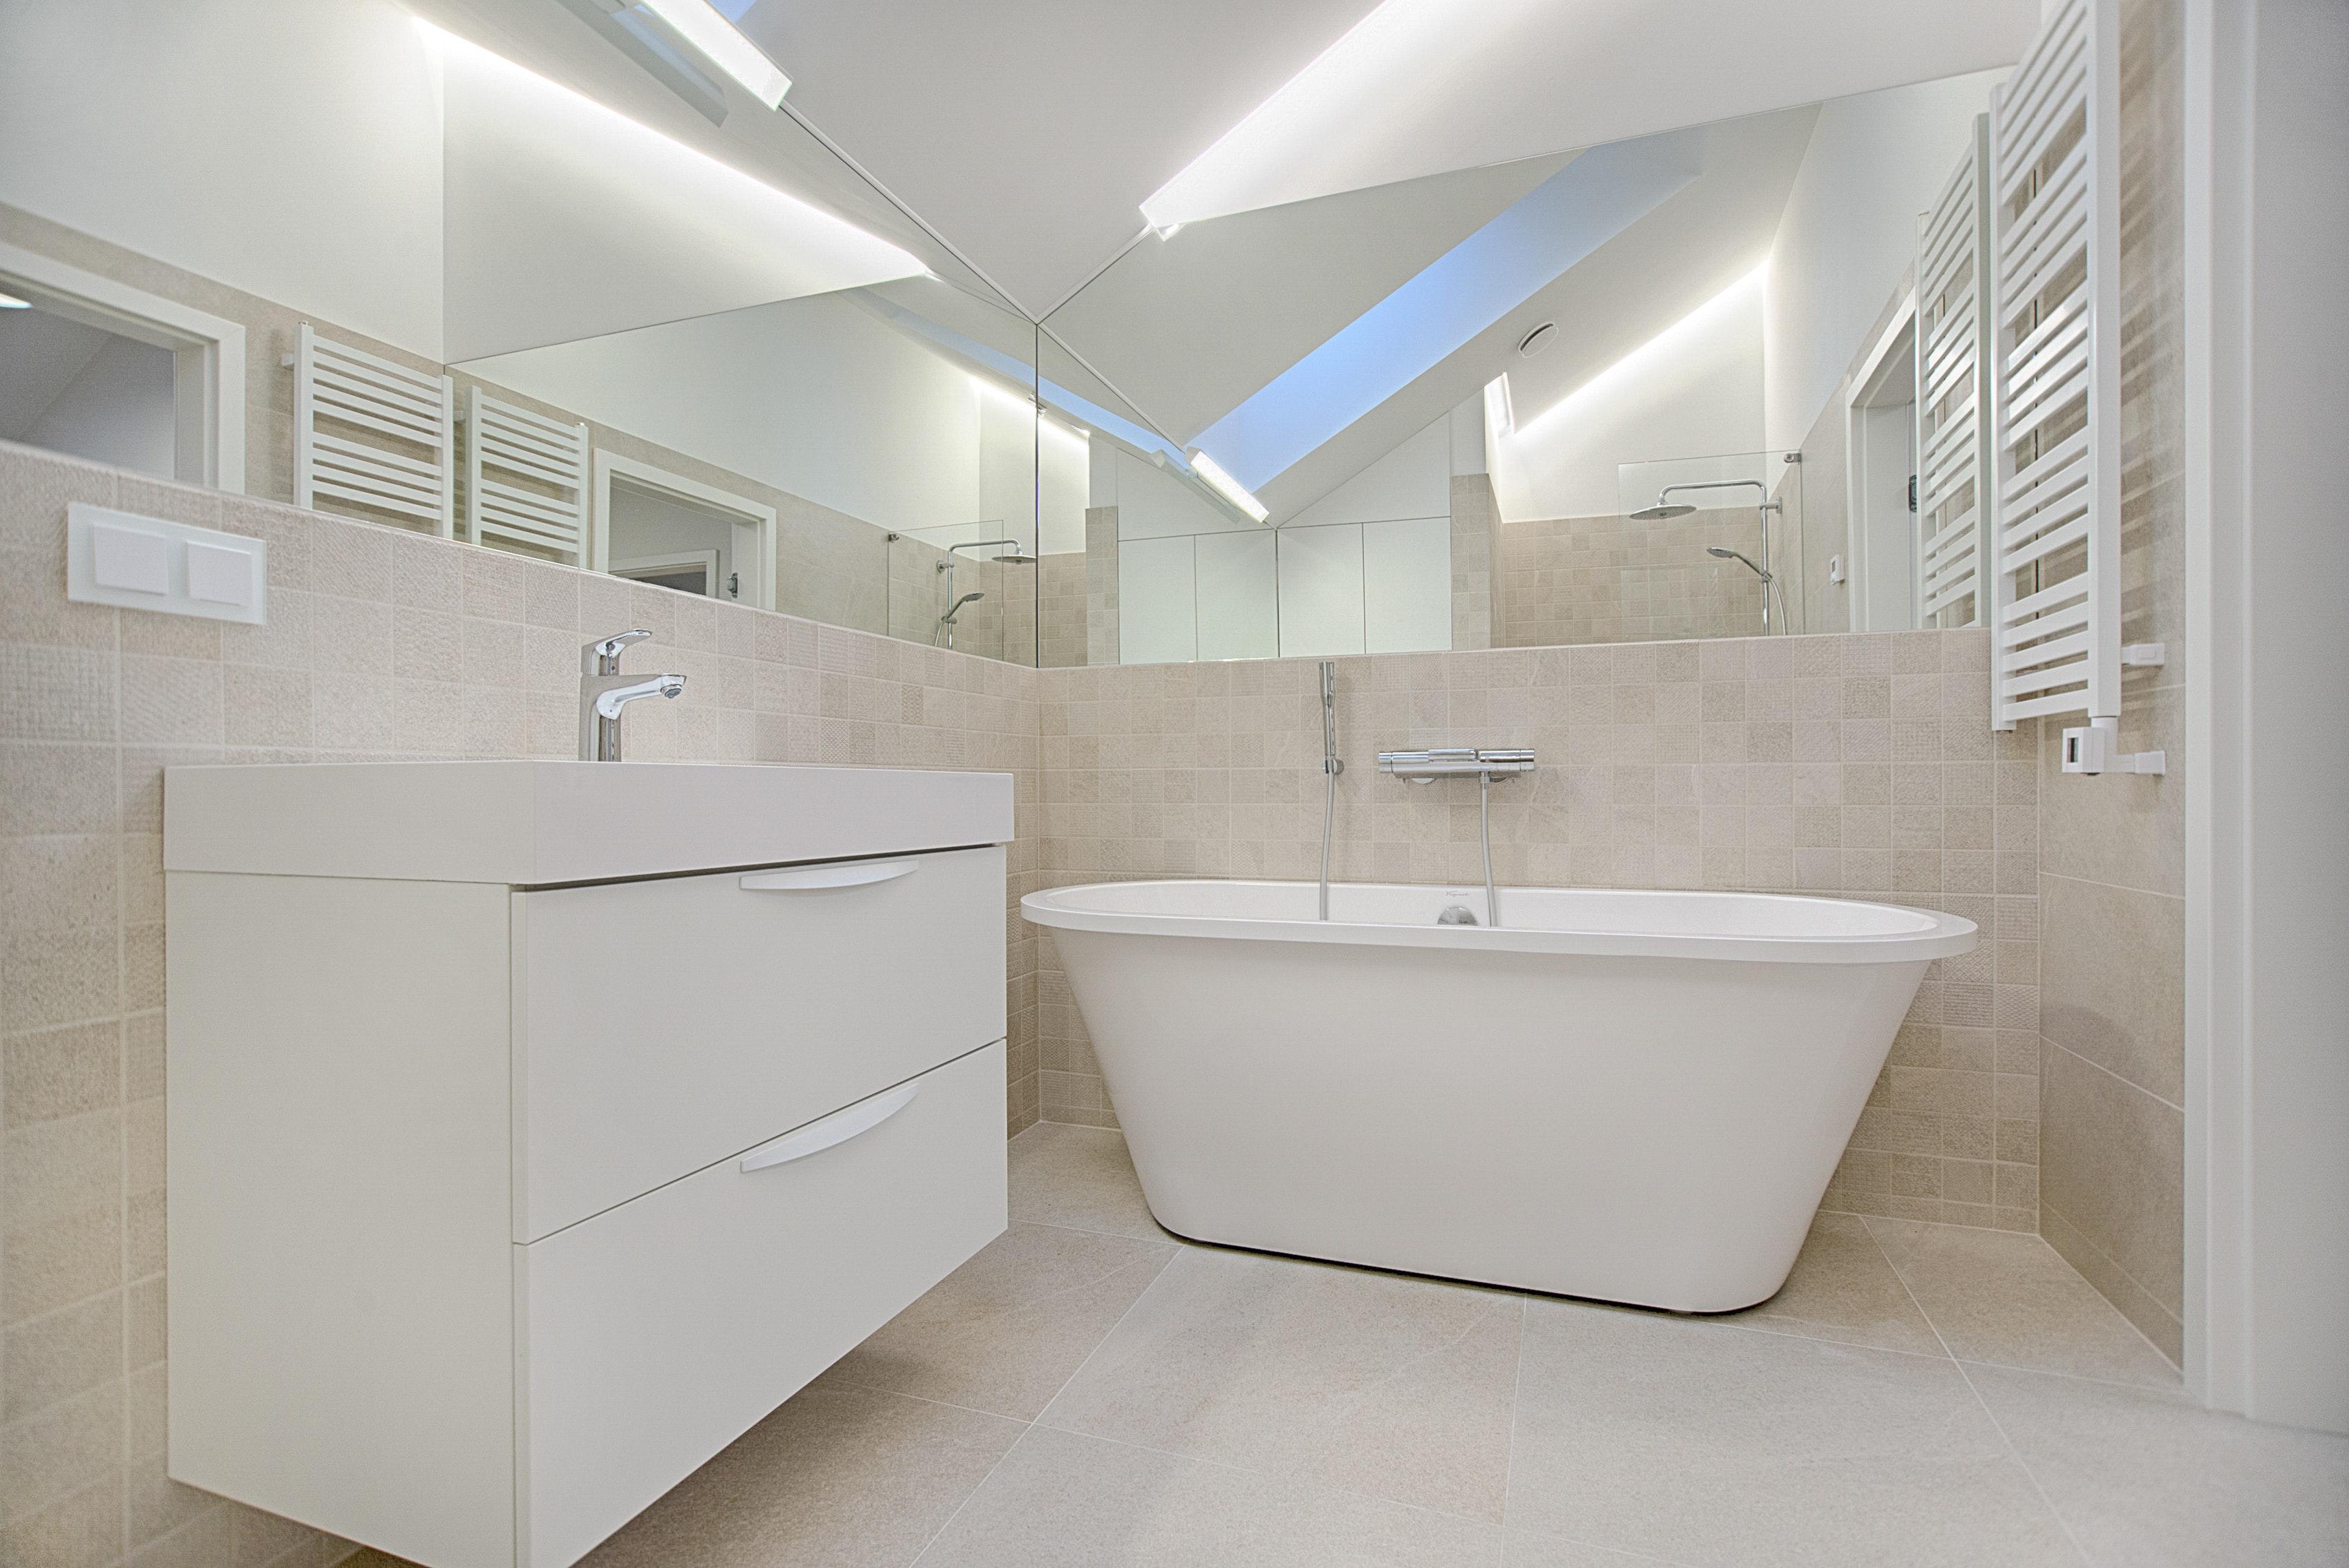 bathroom installer in Birmingham